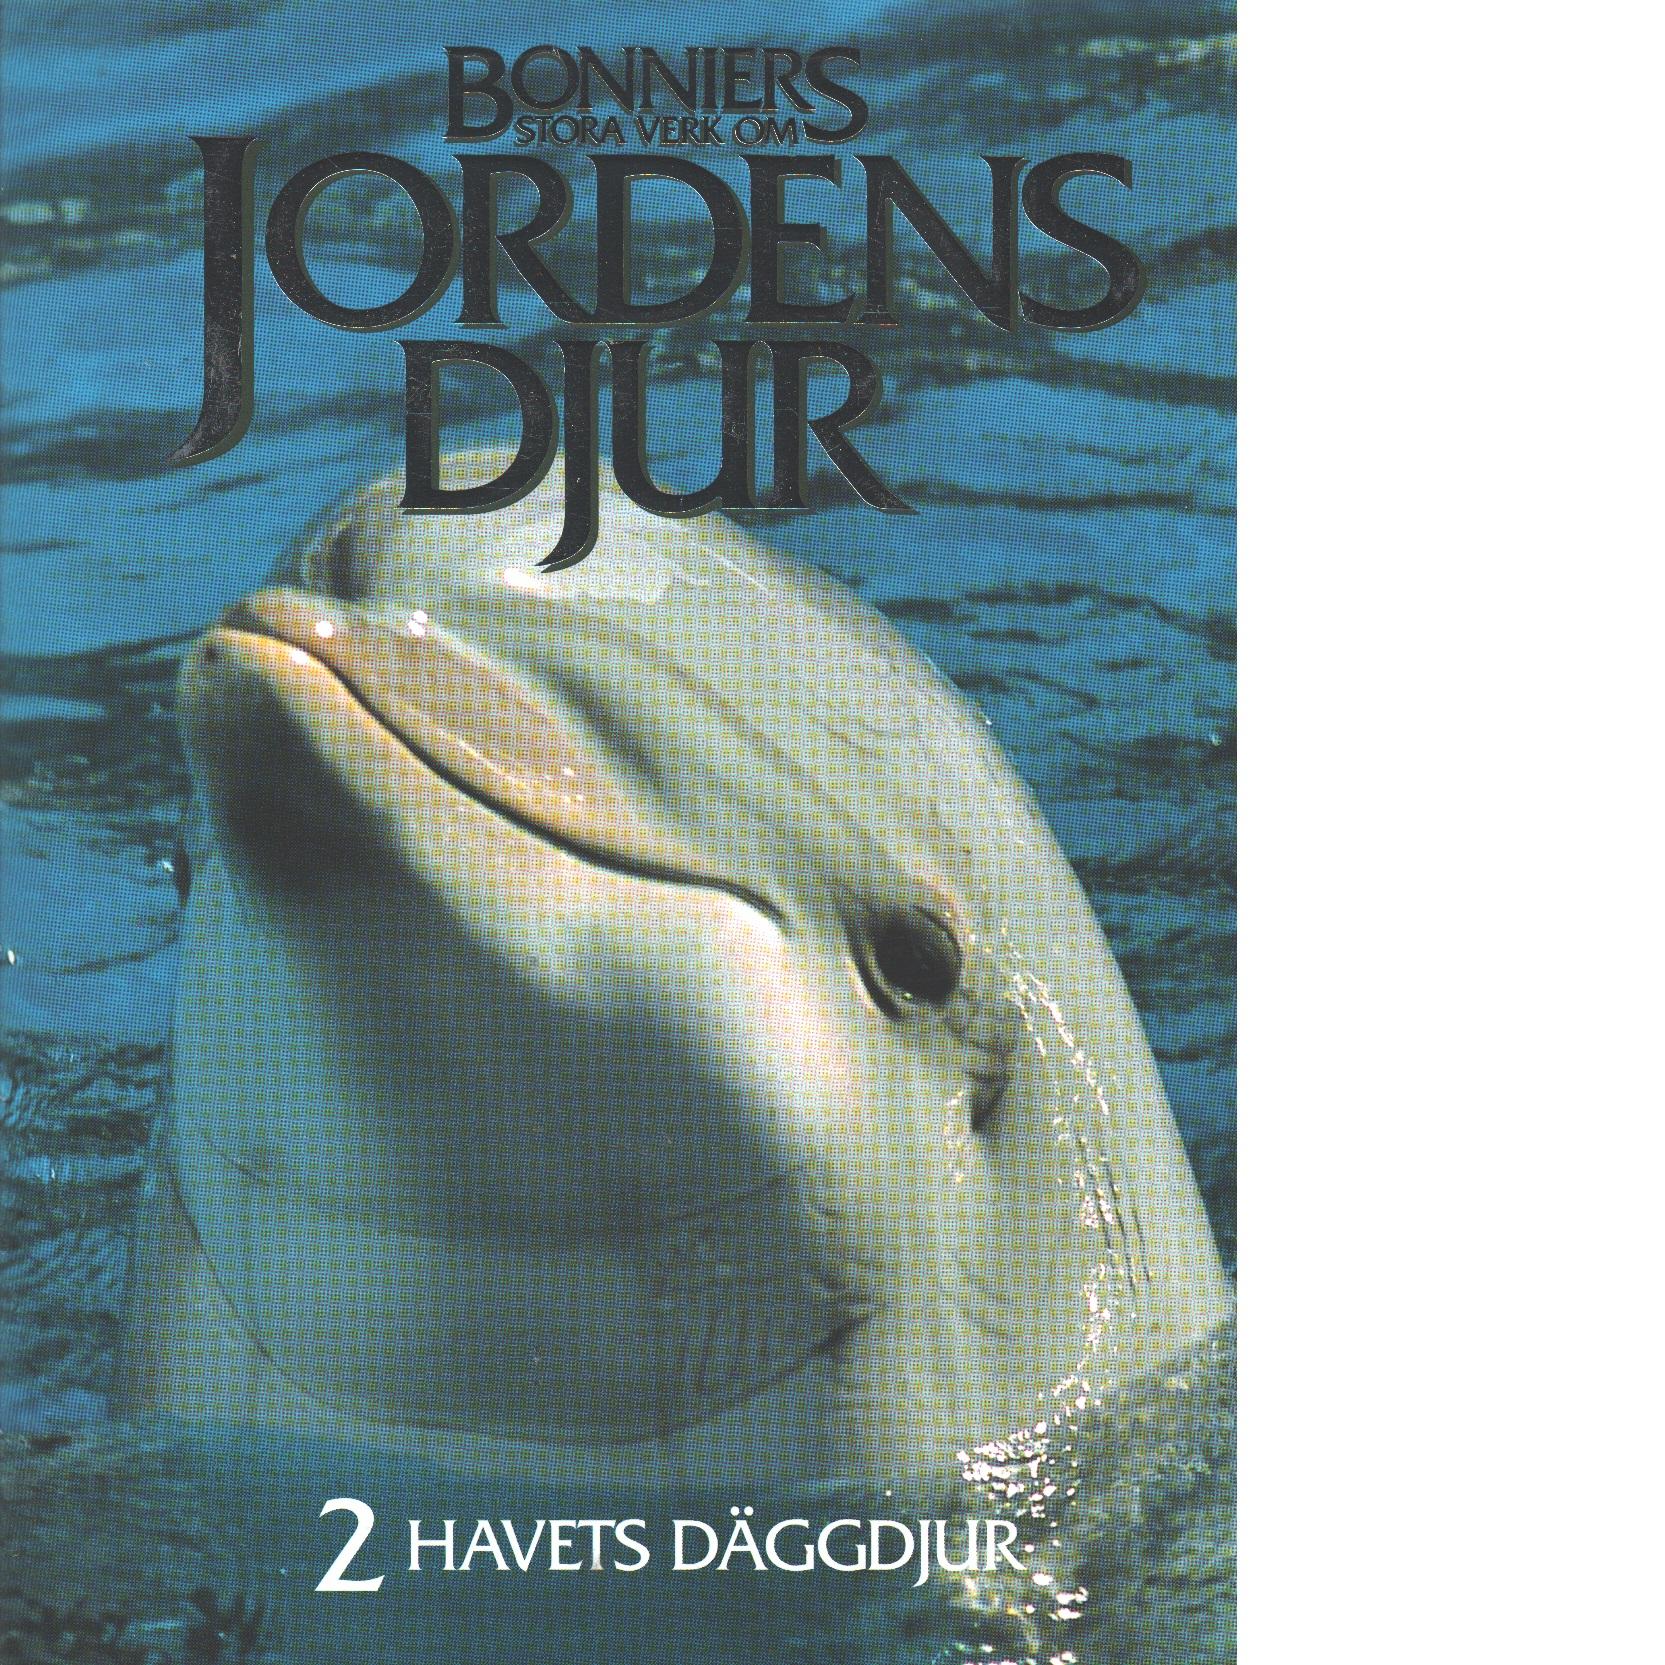 Bonniers stora verk om jordens djur 2, Havets däggdjur, valar, säldjur och sirendjur - Red.